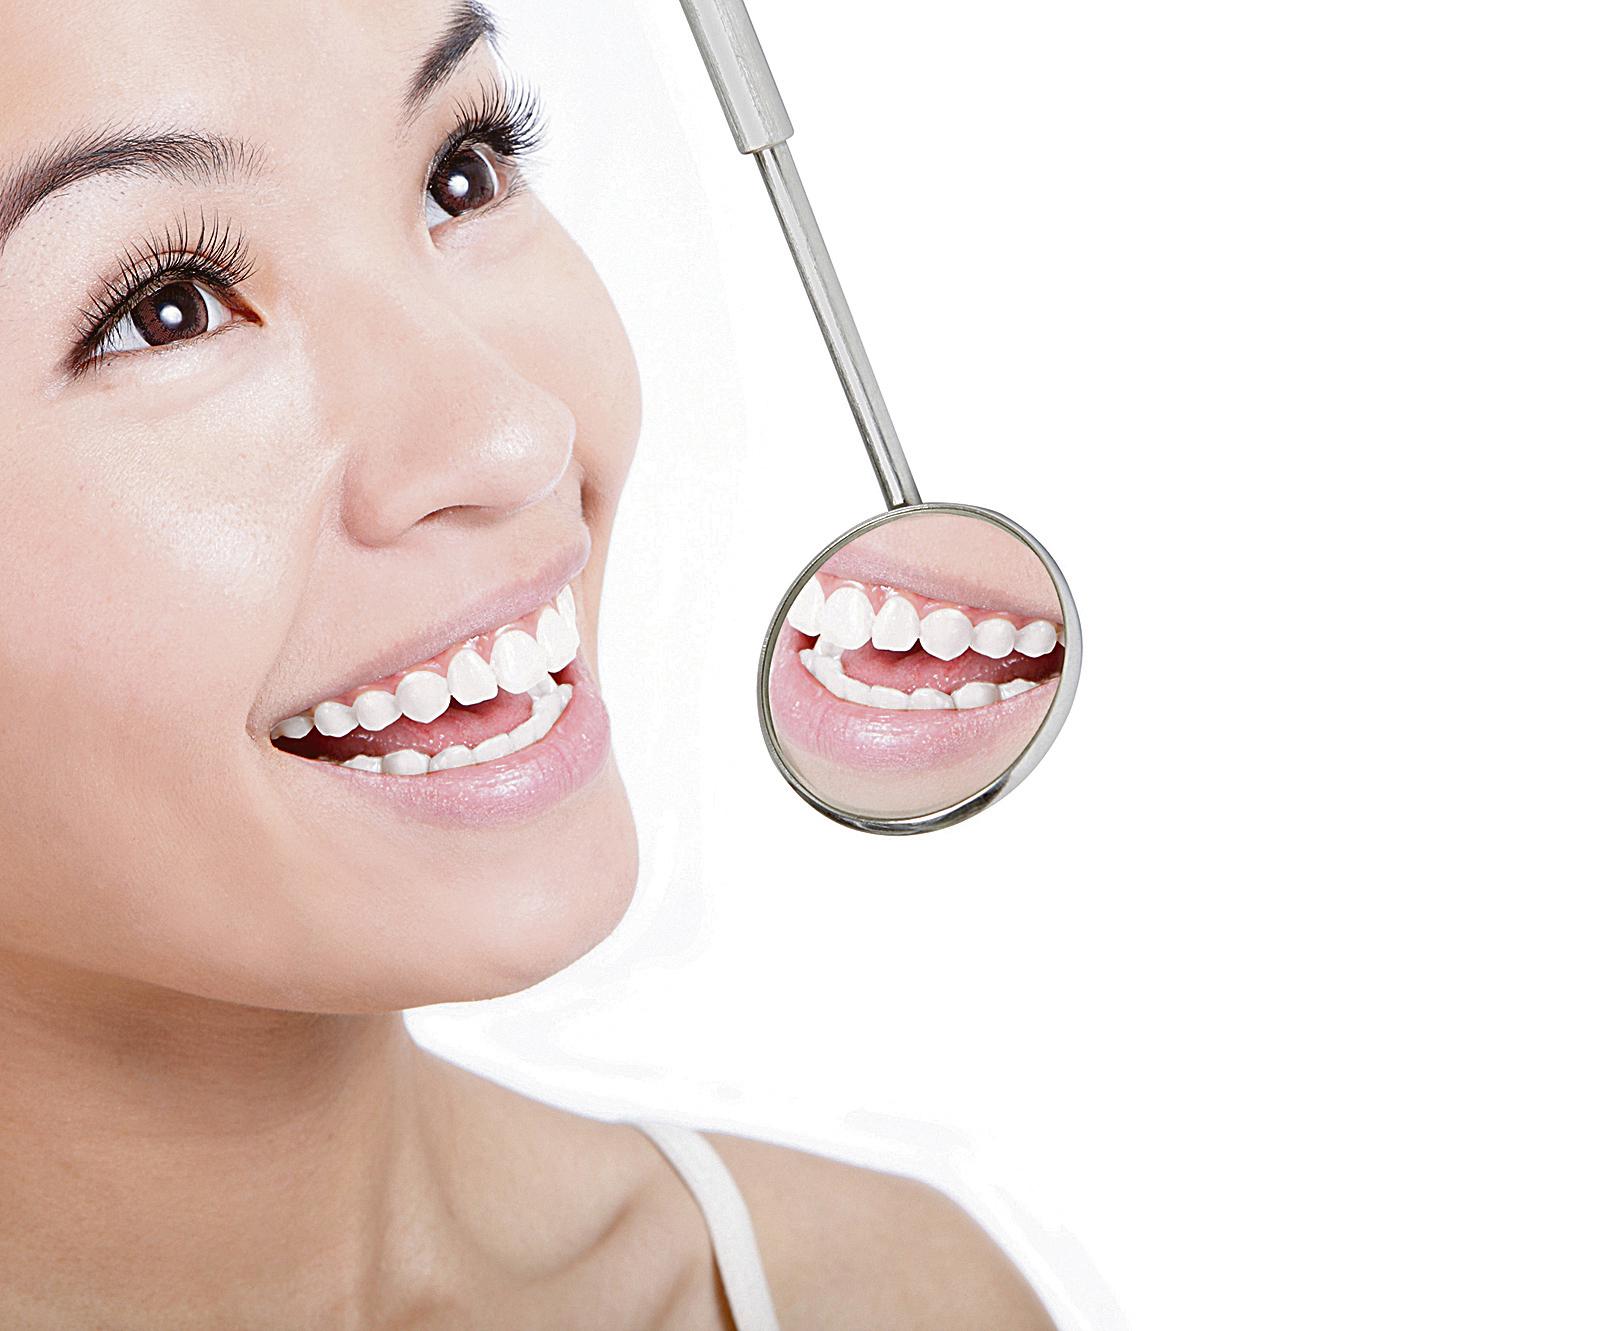 口腔不清潔  港人九成有牙周病 漱口油清潔牙齒: 天然、有效、徹底